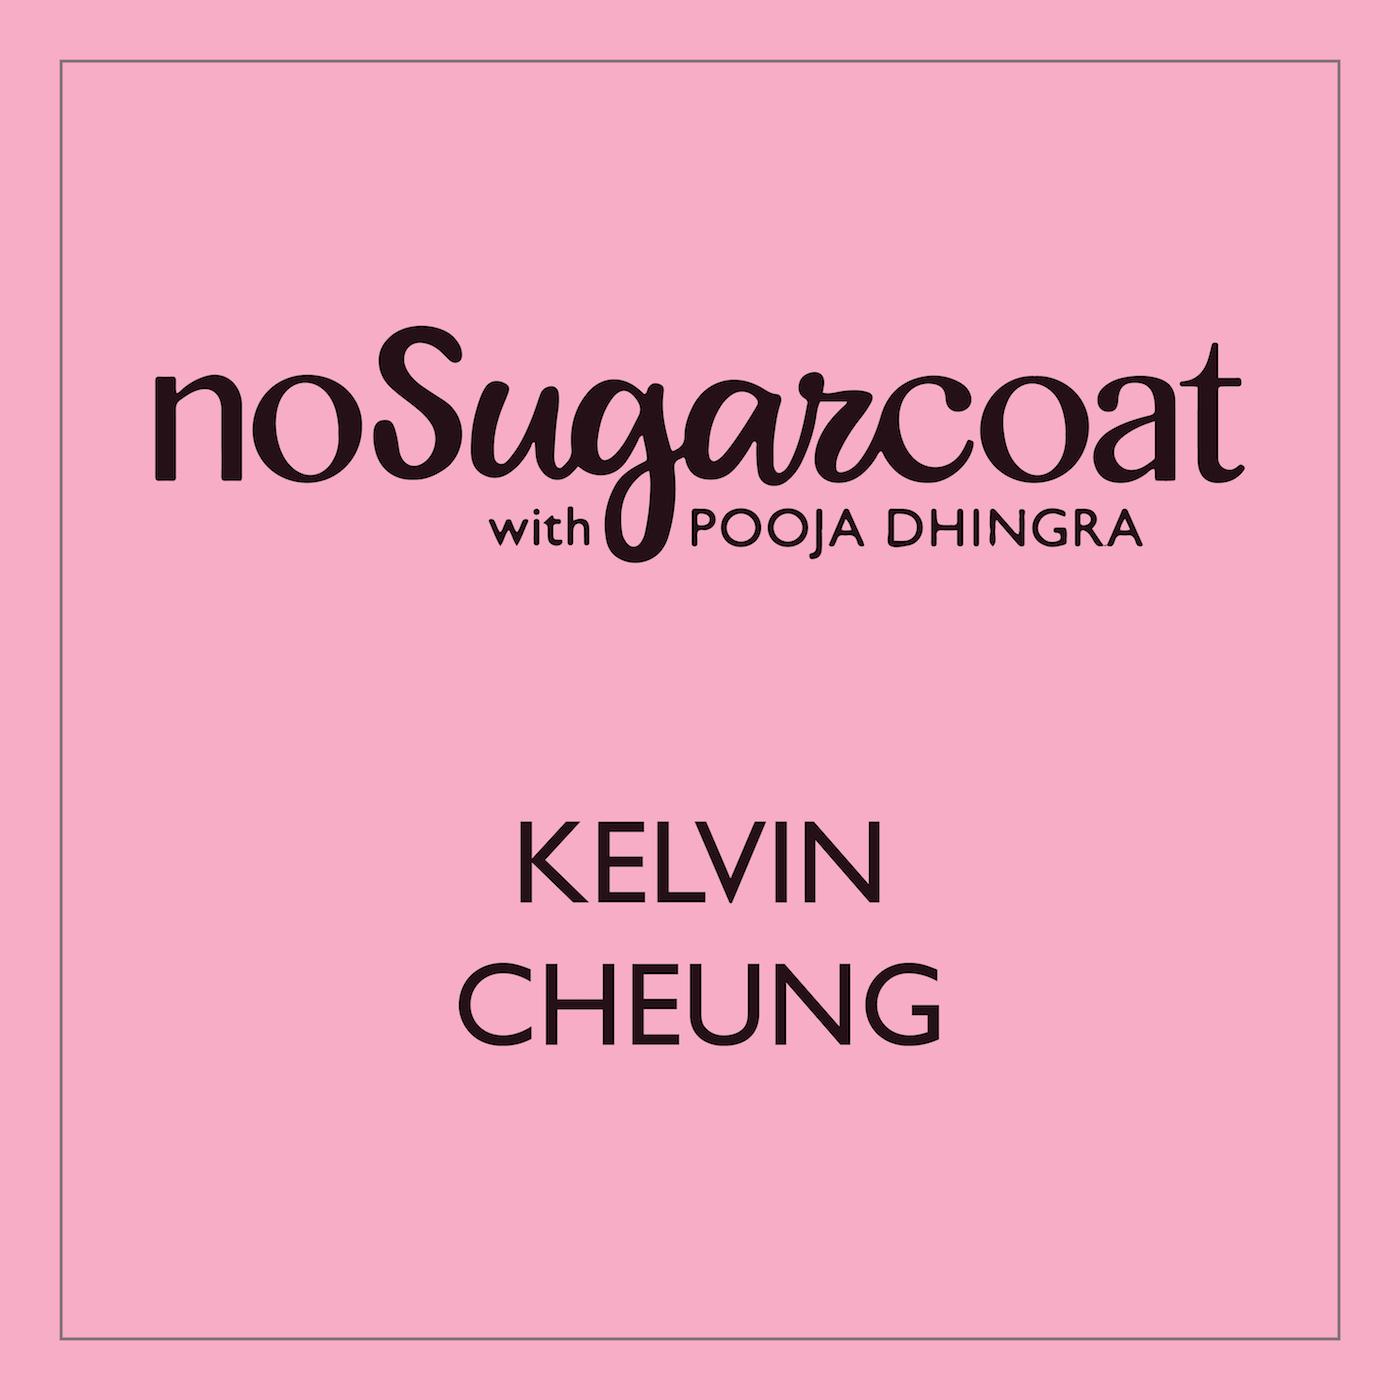 Kelvin Cheung